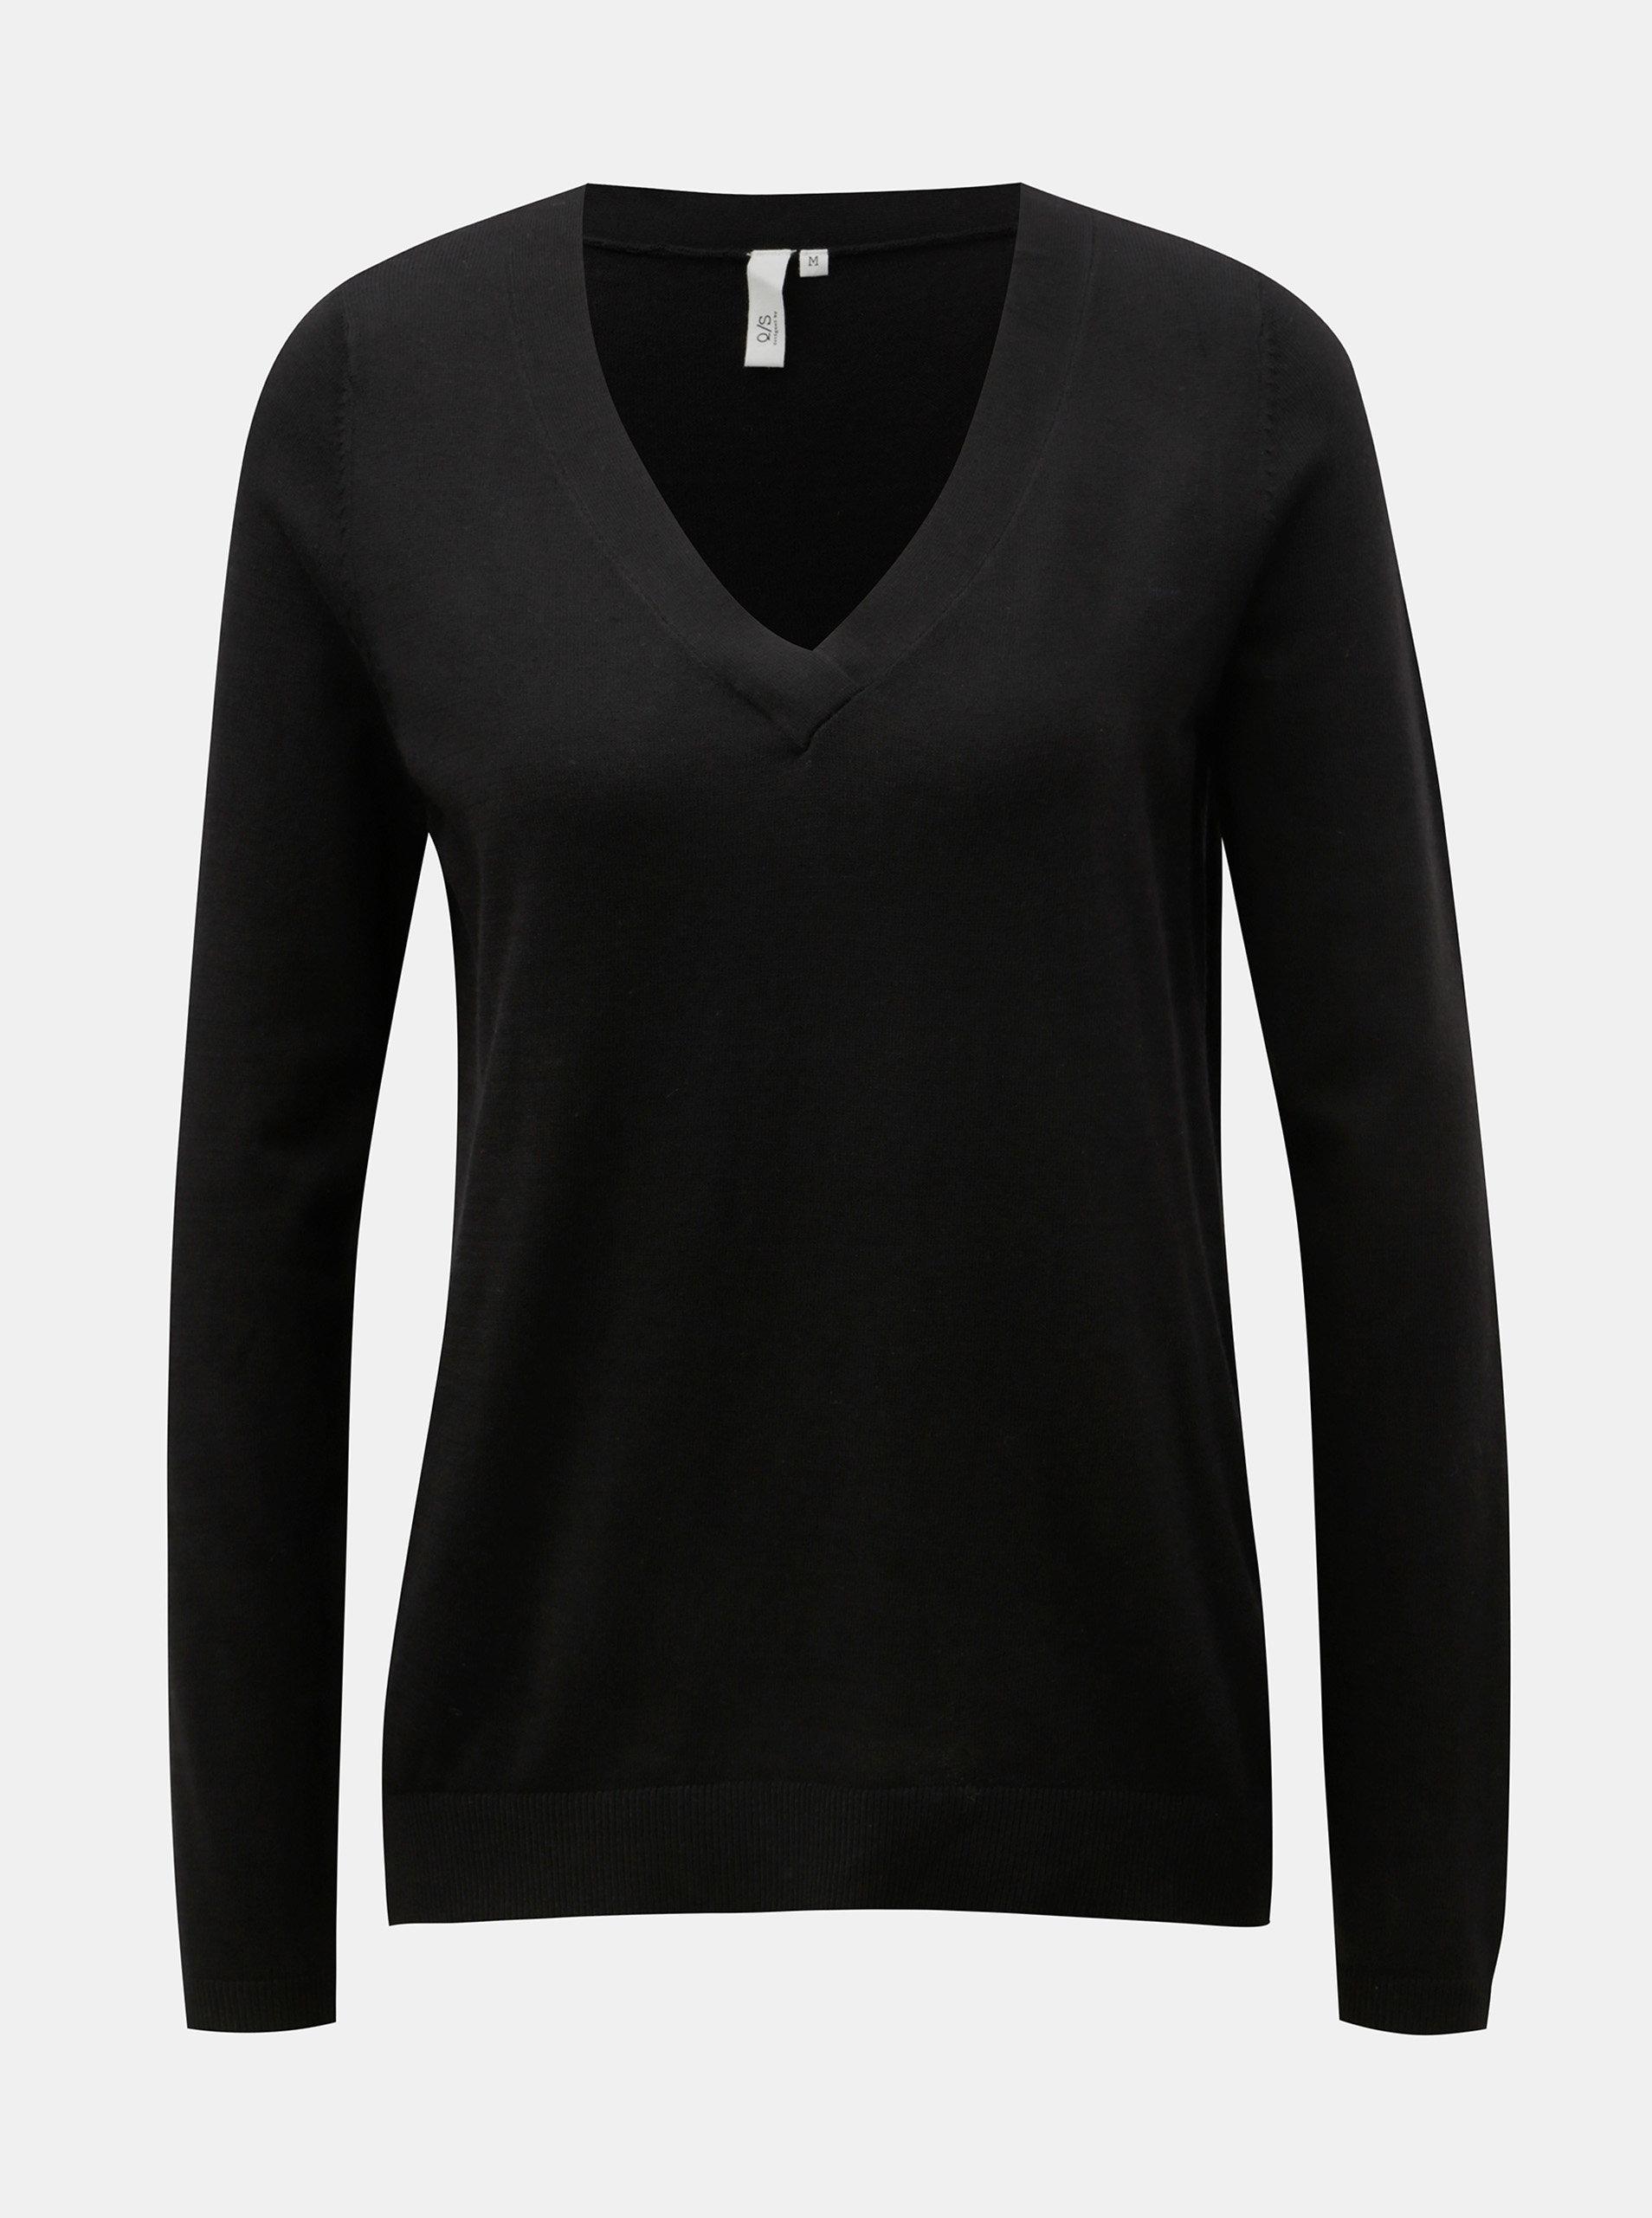 1ece93f3d81 Černý dámský lehký svetr s véčkovým výstřihem QS by s.Oliver